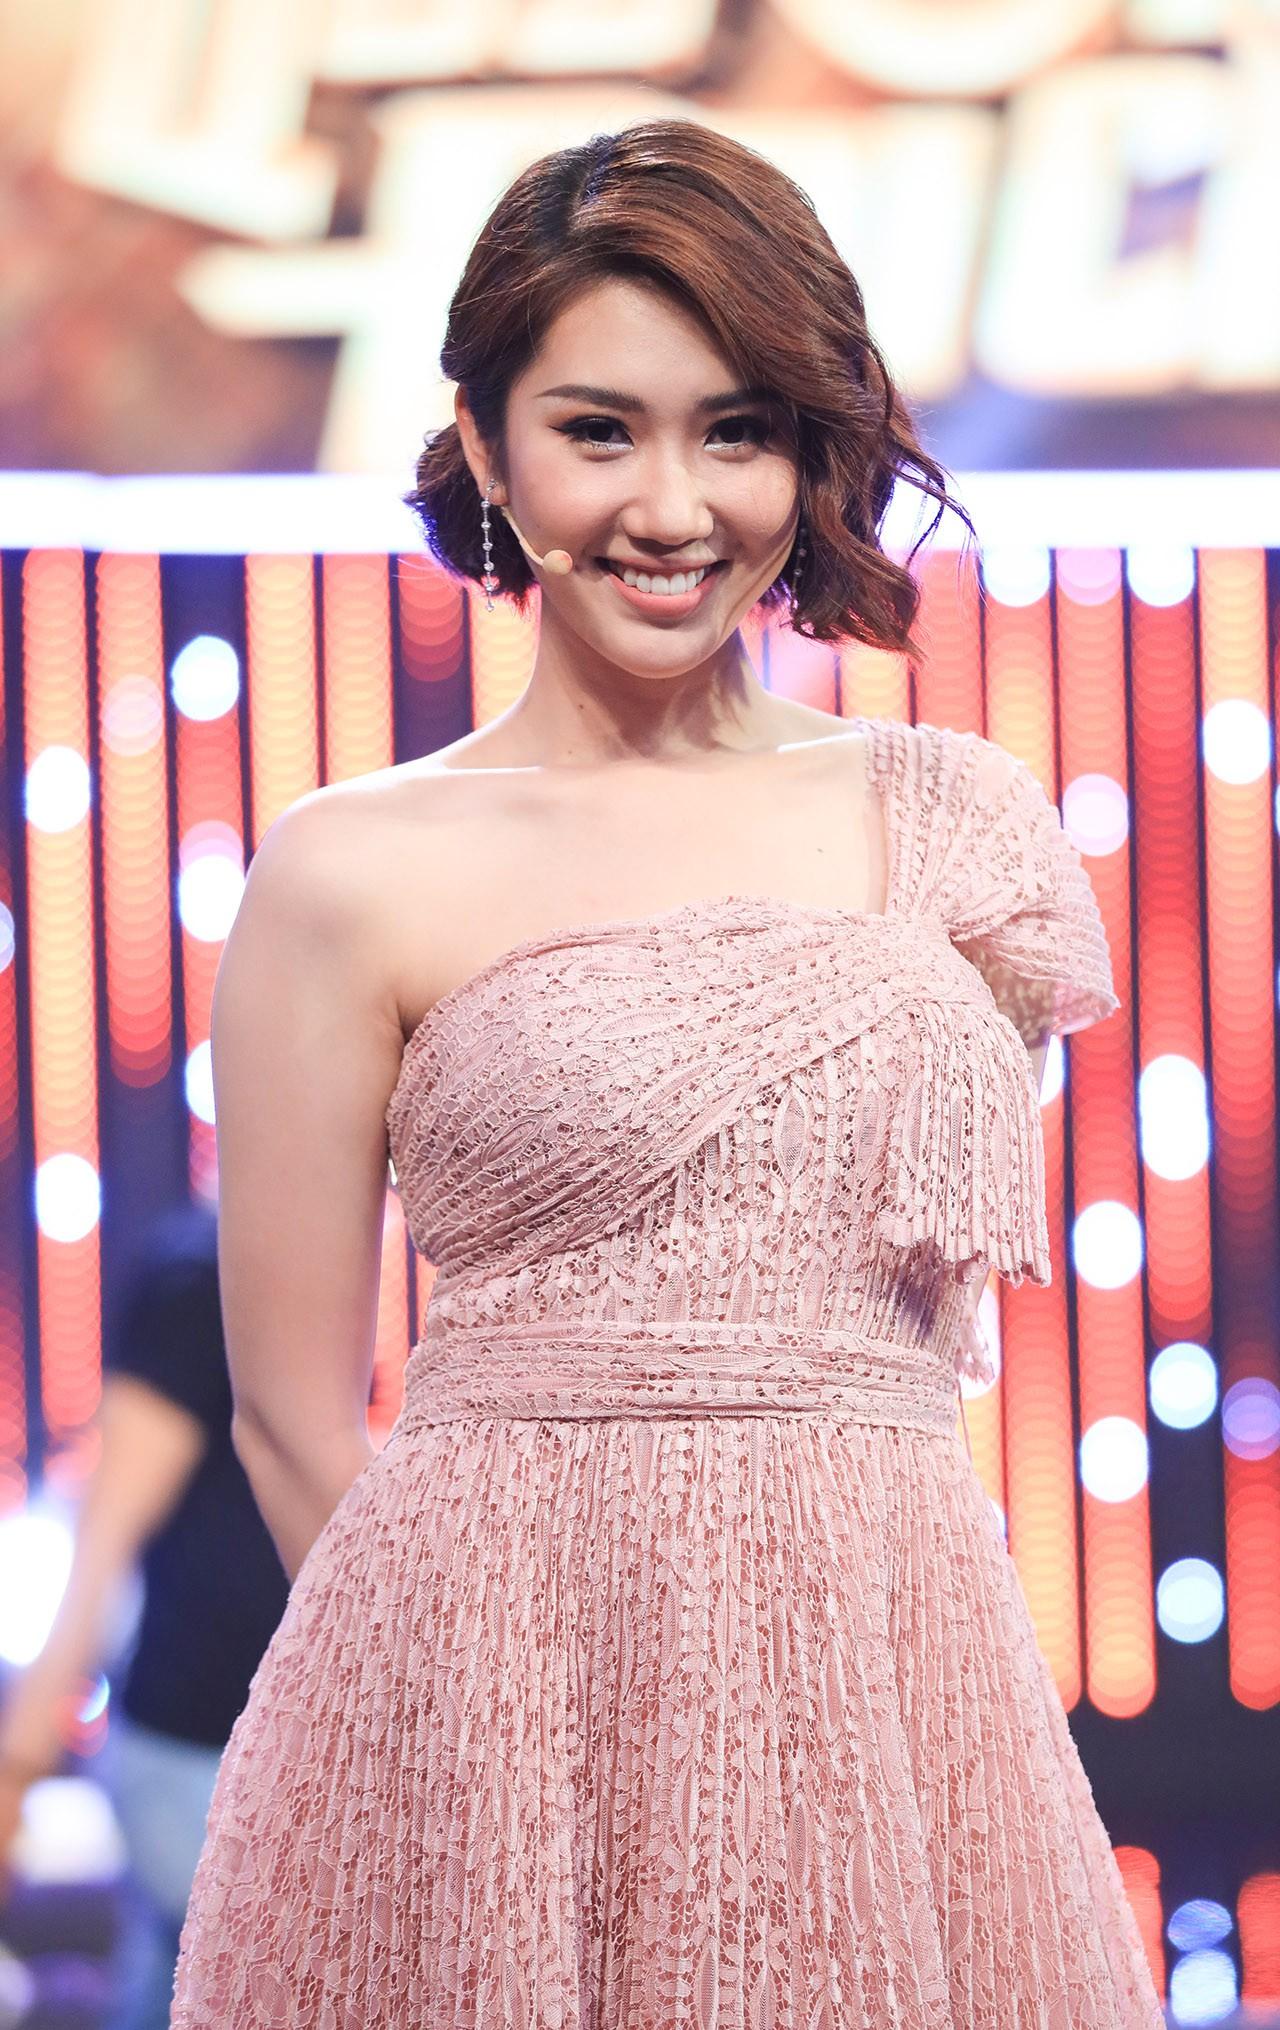 Hoa hậu Hương Giang hốt hoảng khi Lan Ngọc rủ rê trai đẹp về chung nhà chỉ sau 1 lần gặp mặt  - Ảnh 9.